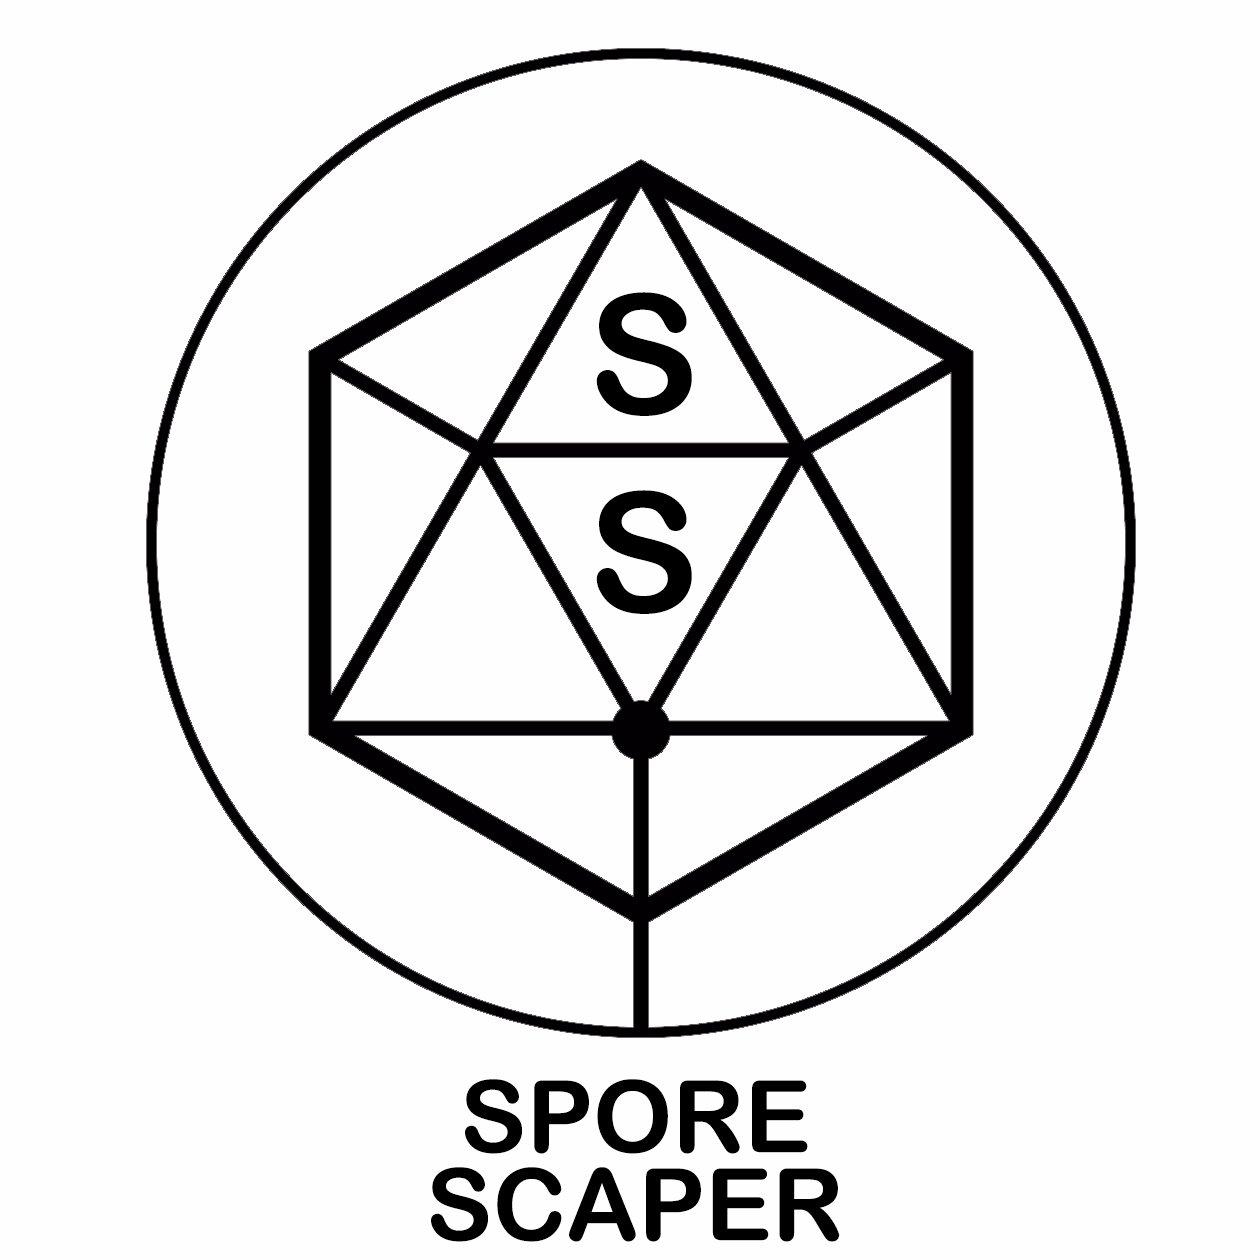 SPORE SCAPER